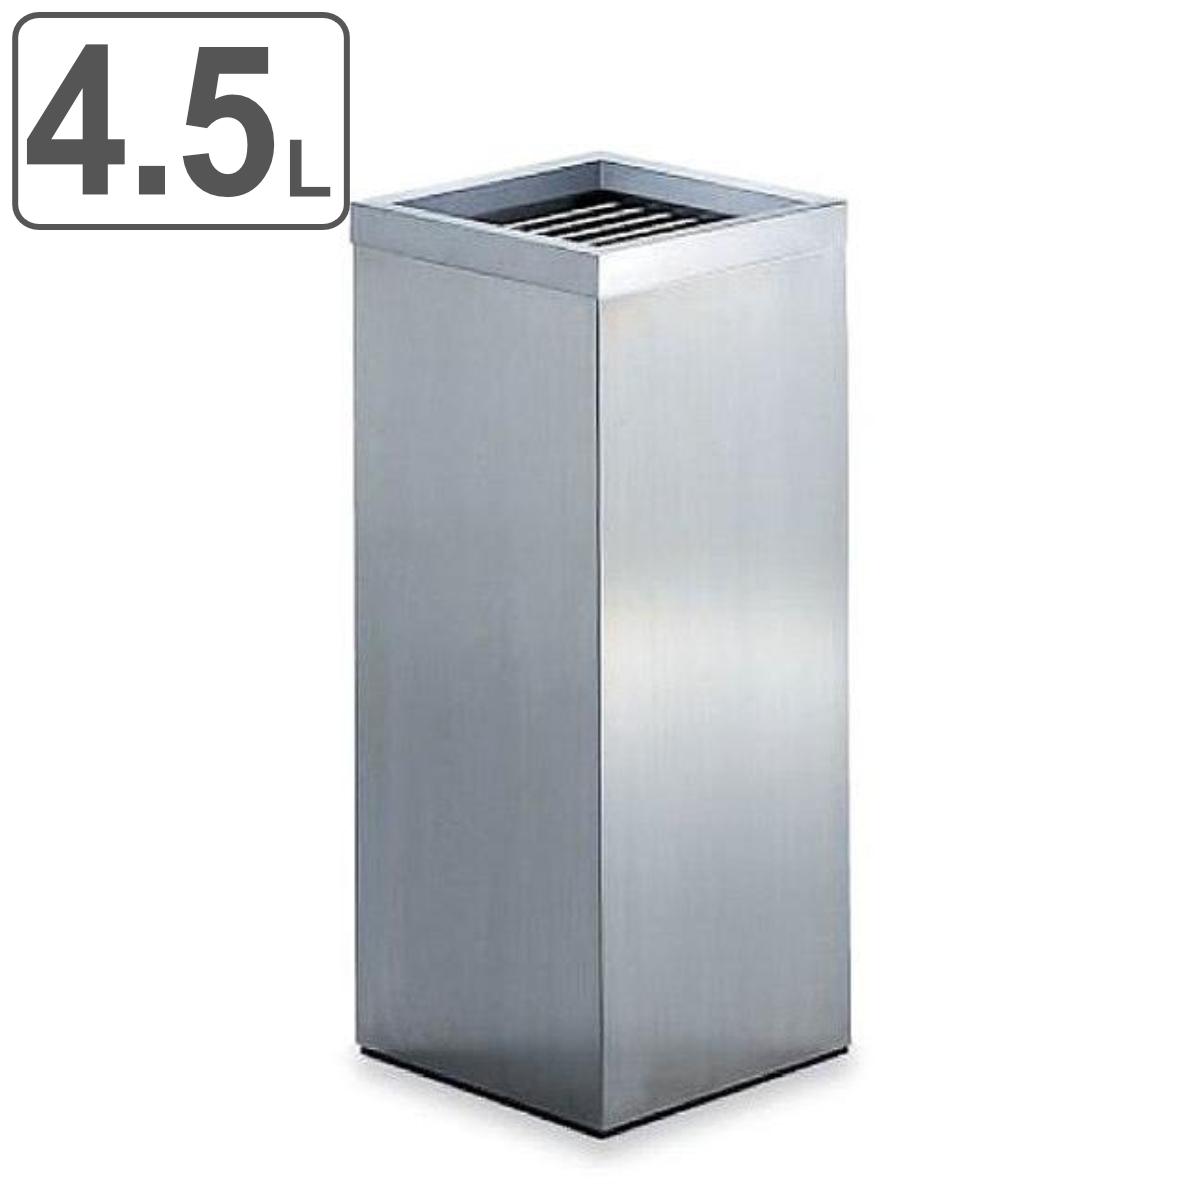 灰皿 スタンド角型 ステンレス製 4.5L SK-025 ( 送料無料 スモーキングスタンド 吸いがら入れ )